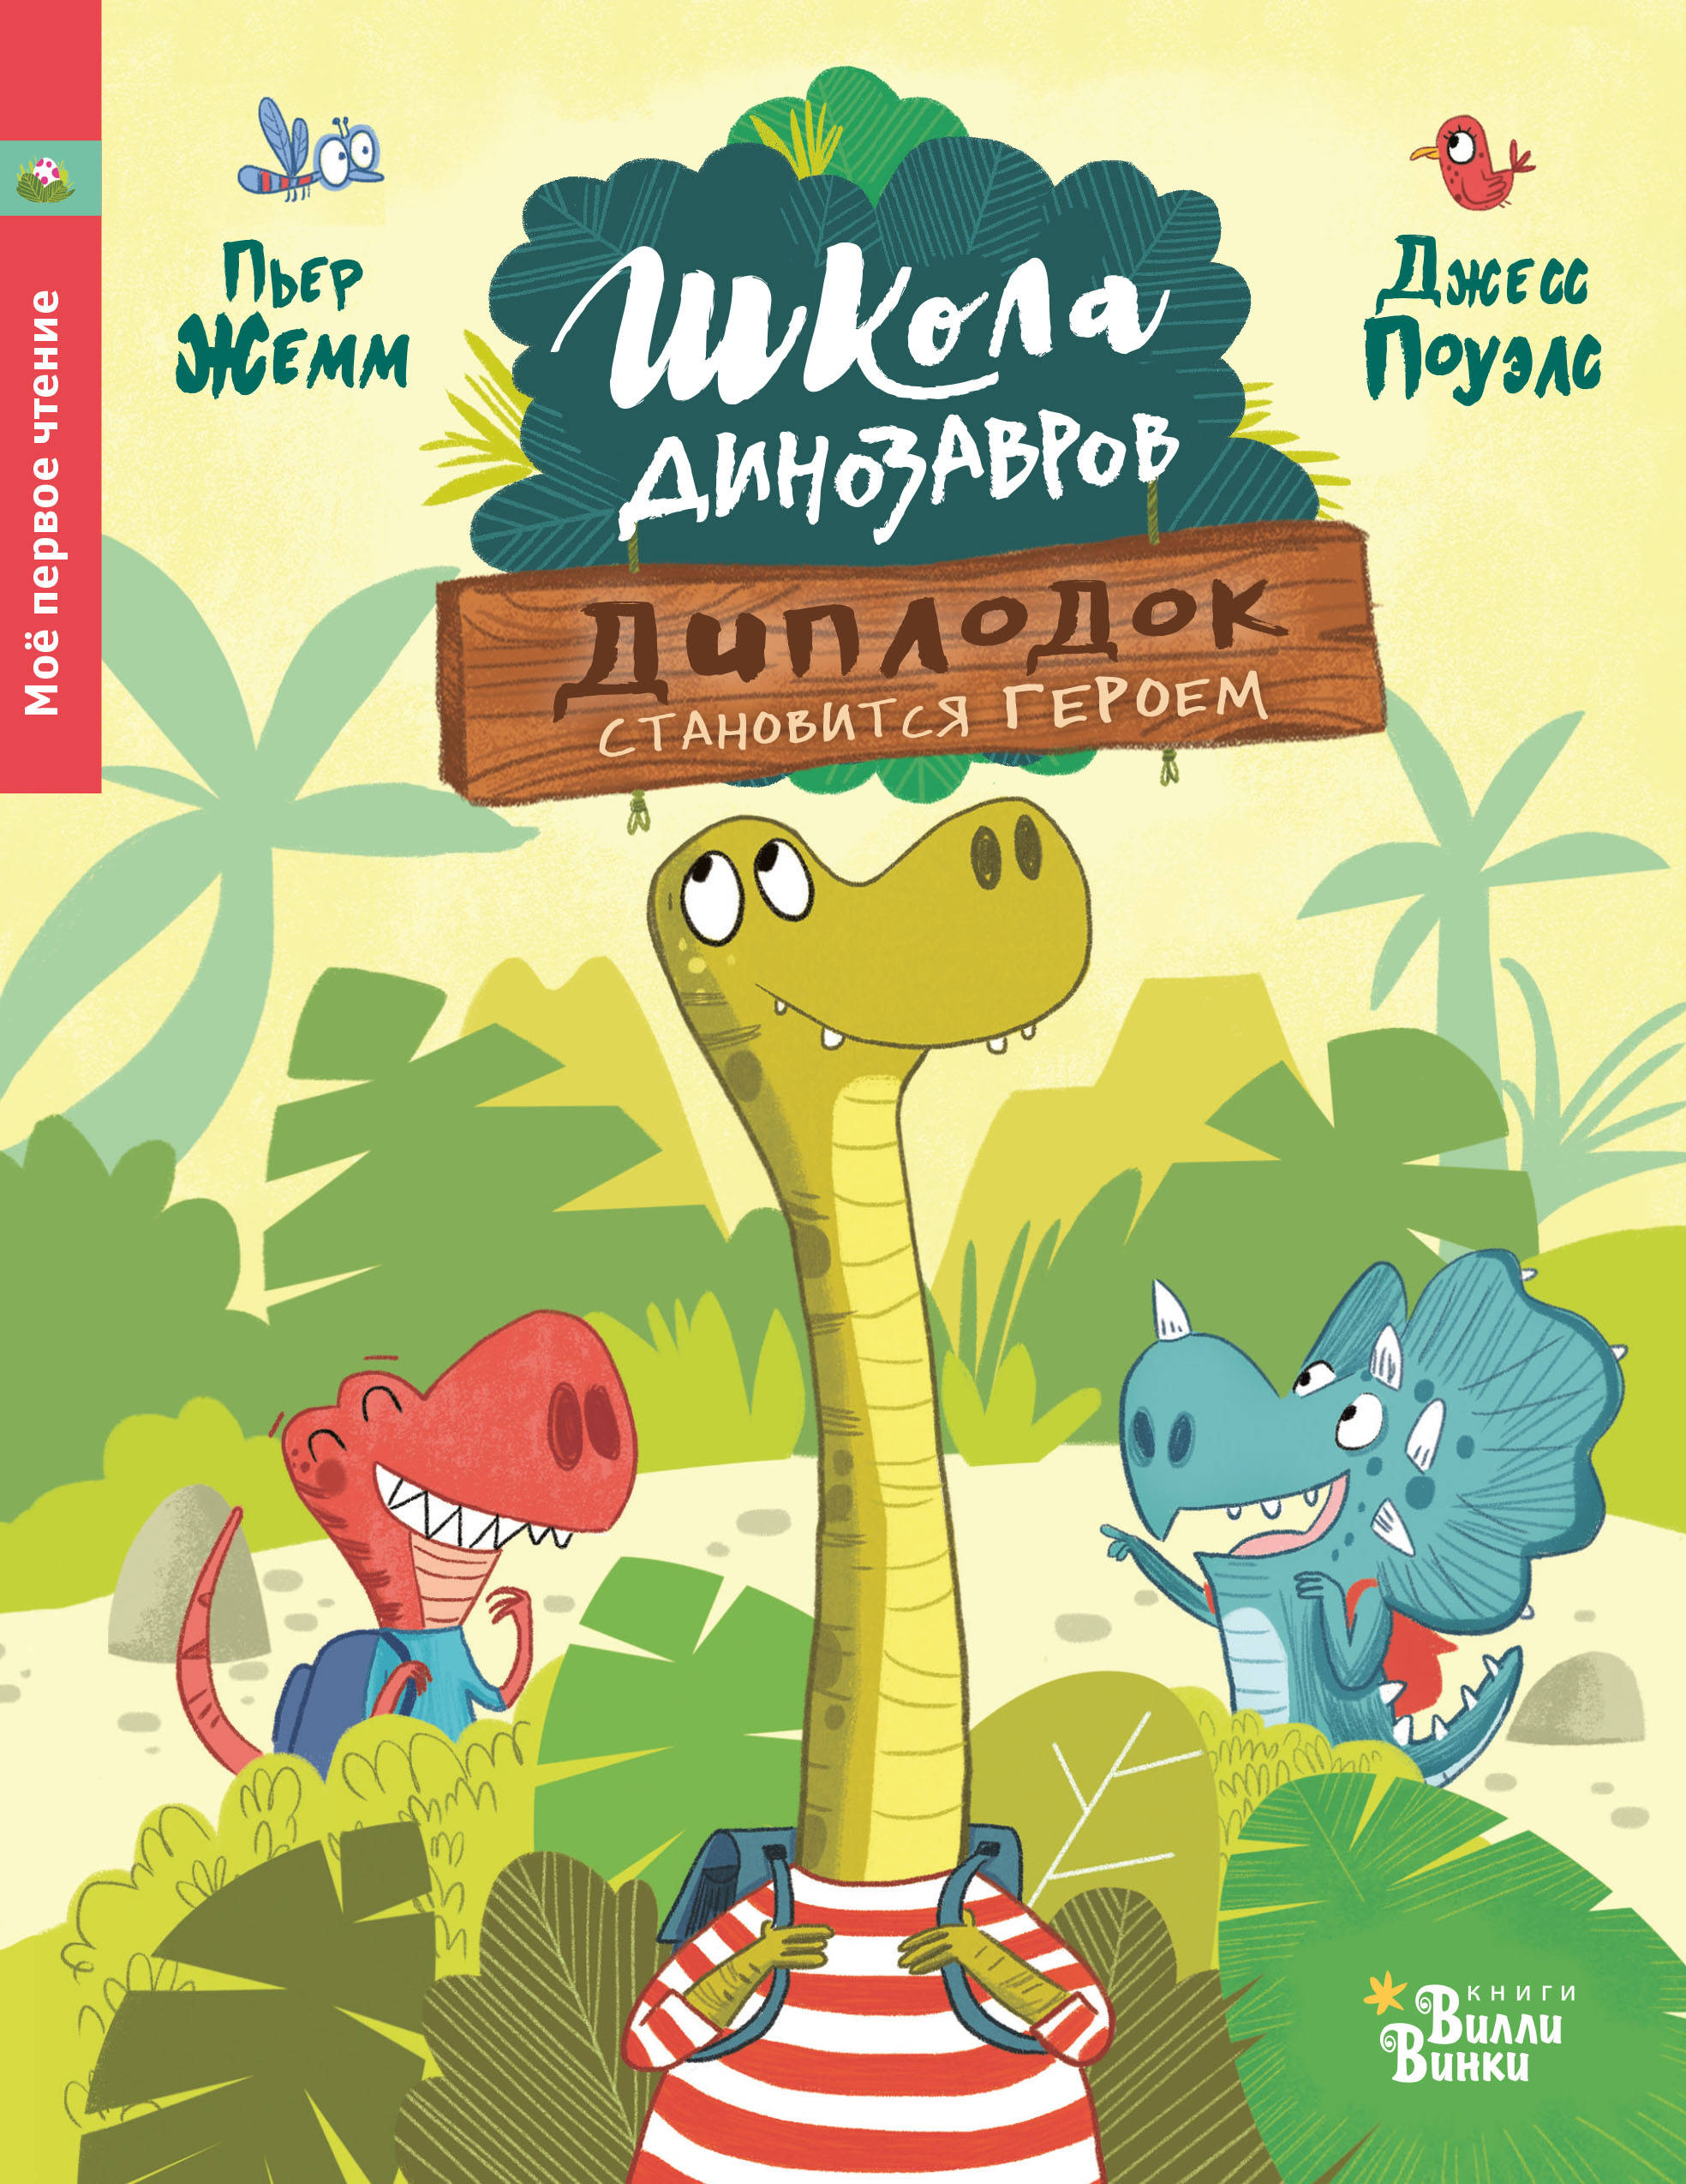 Shkola dinozavrov: Diplodok stanovitsja geroem